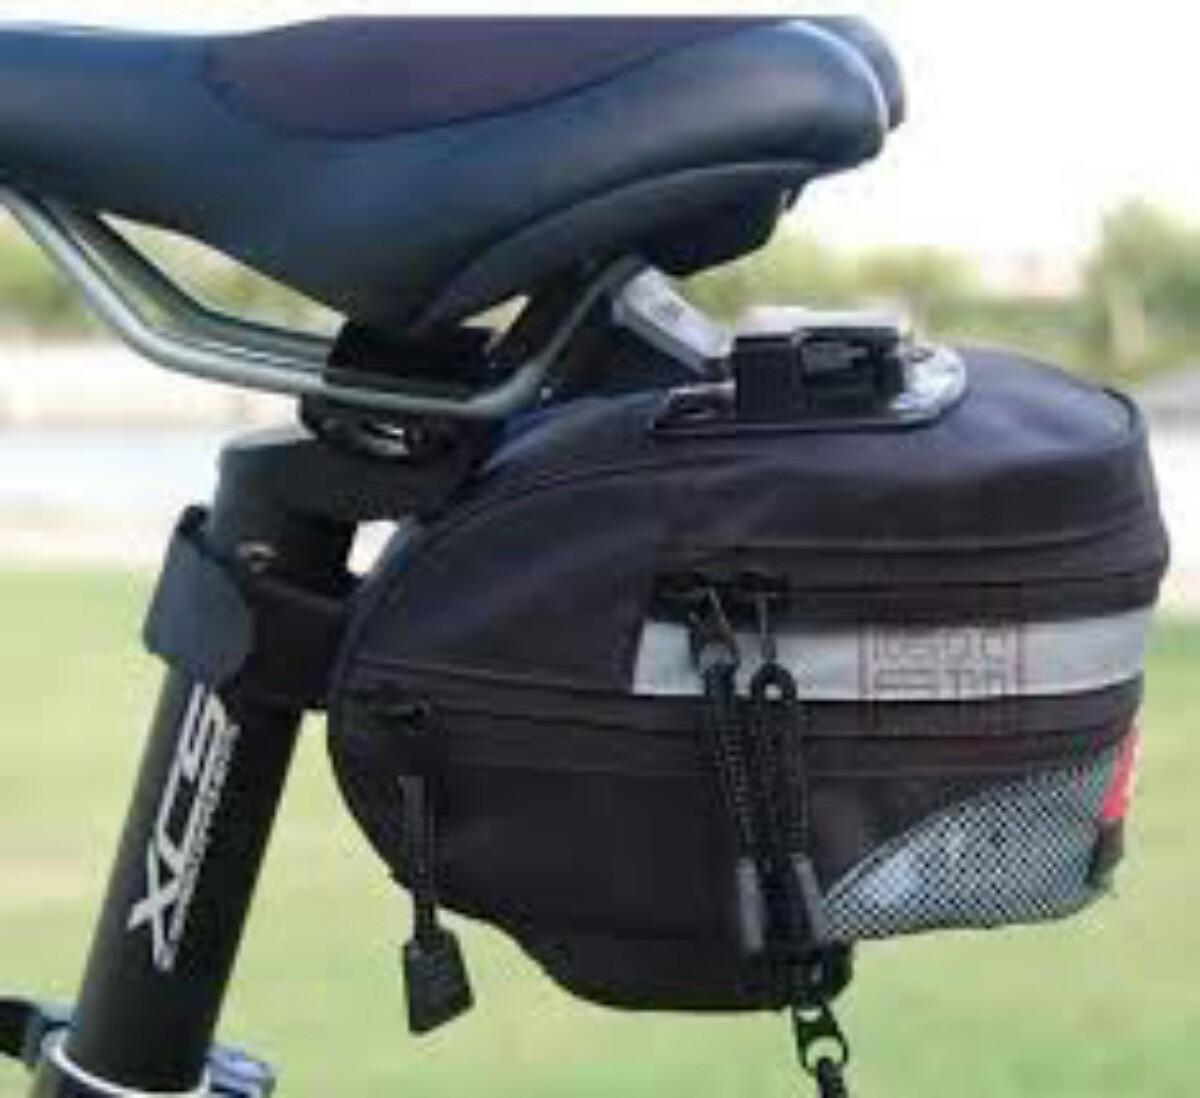 5d36966fe96 Bolso Trasero Para Bicicleta - $ 5.000 en Mercado Libre